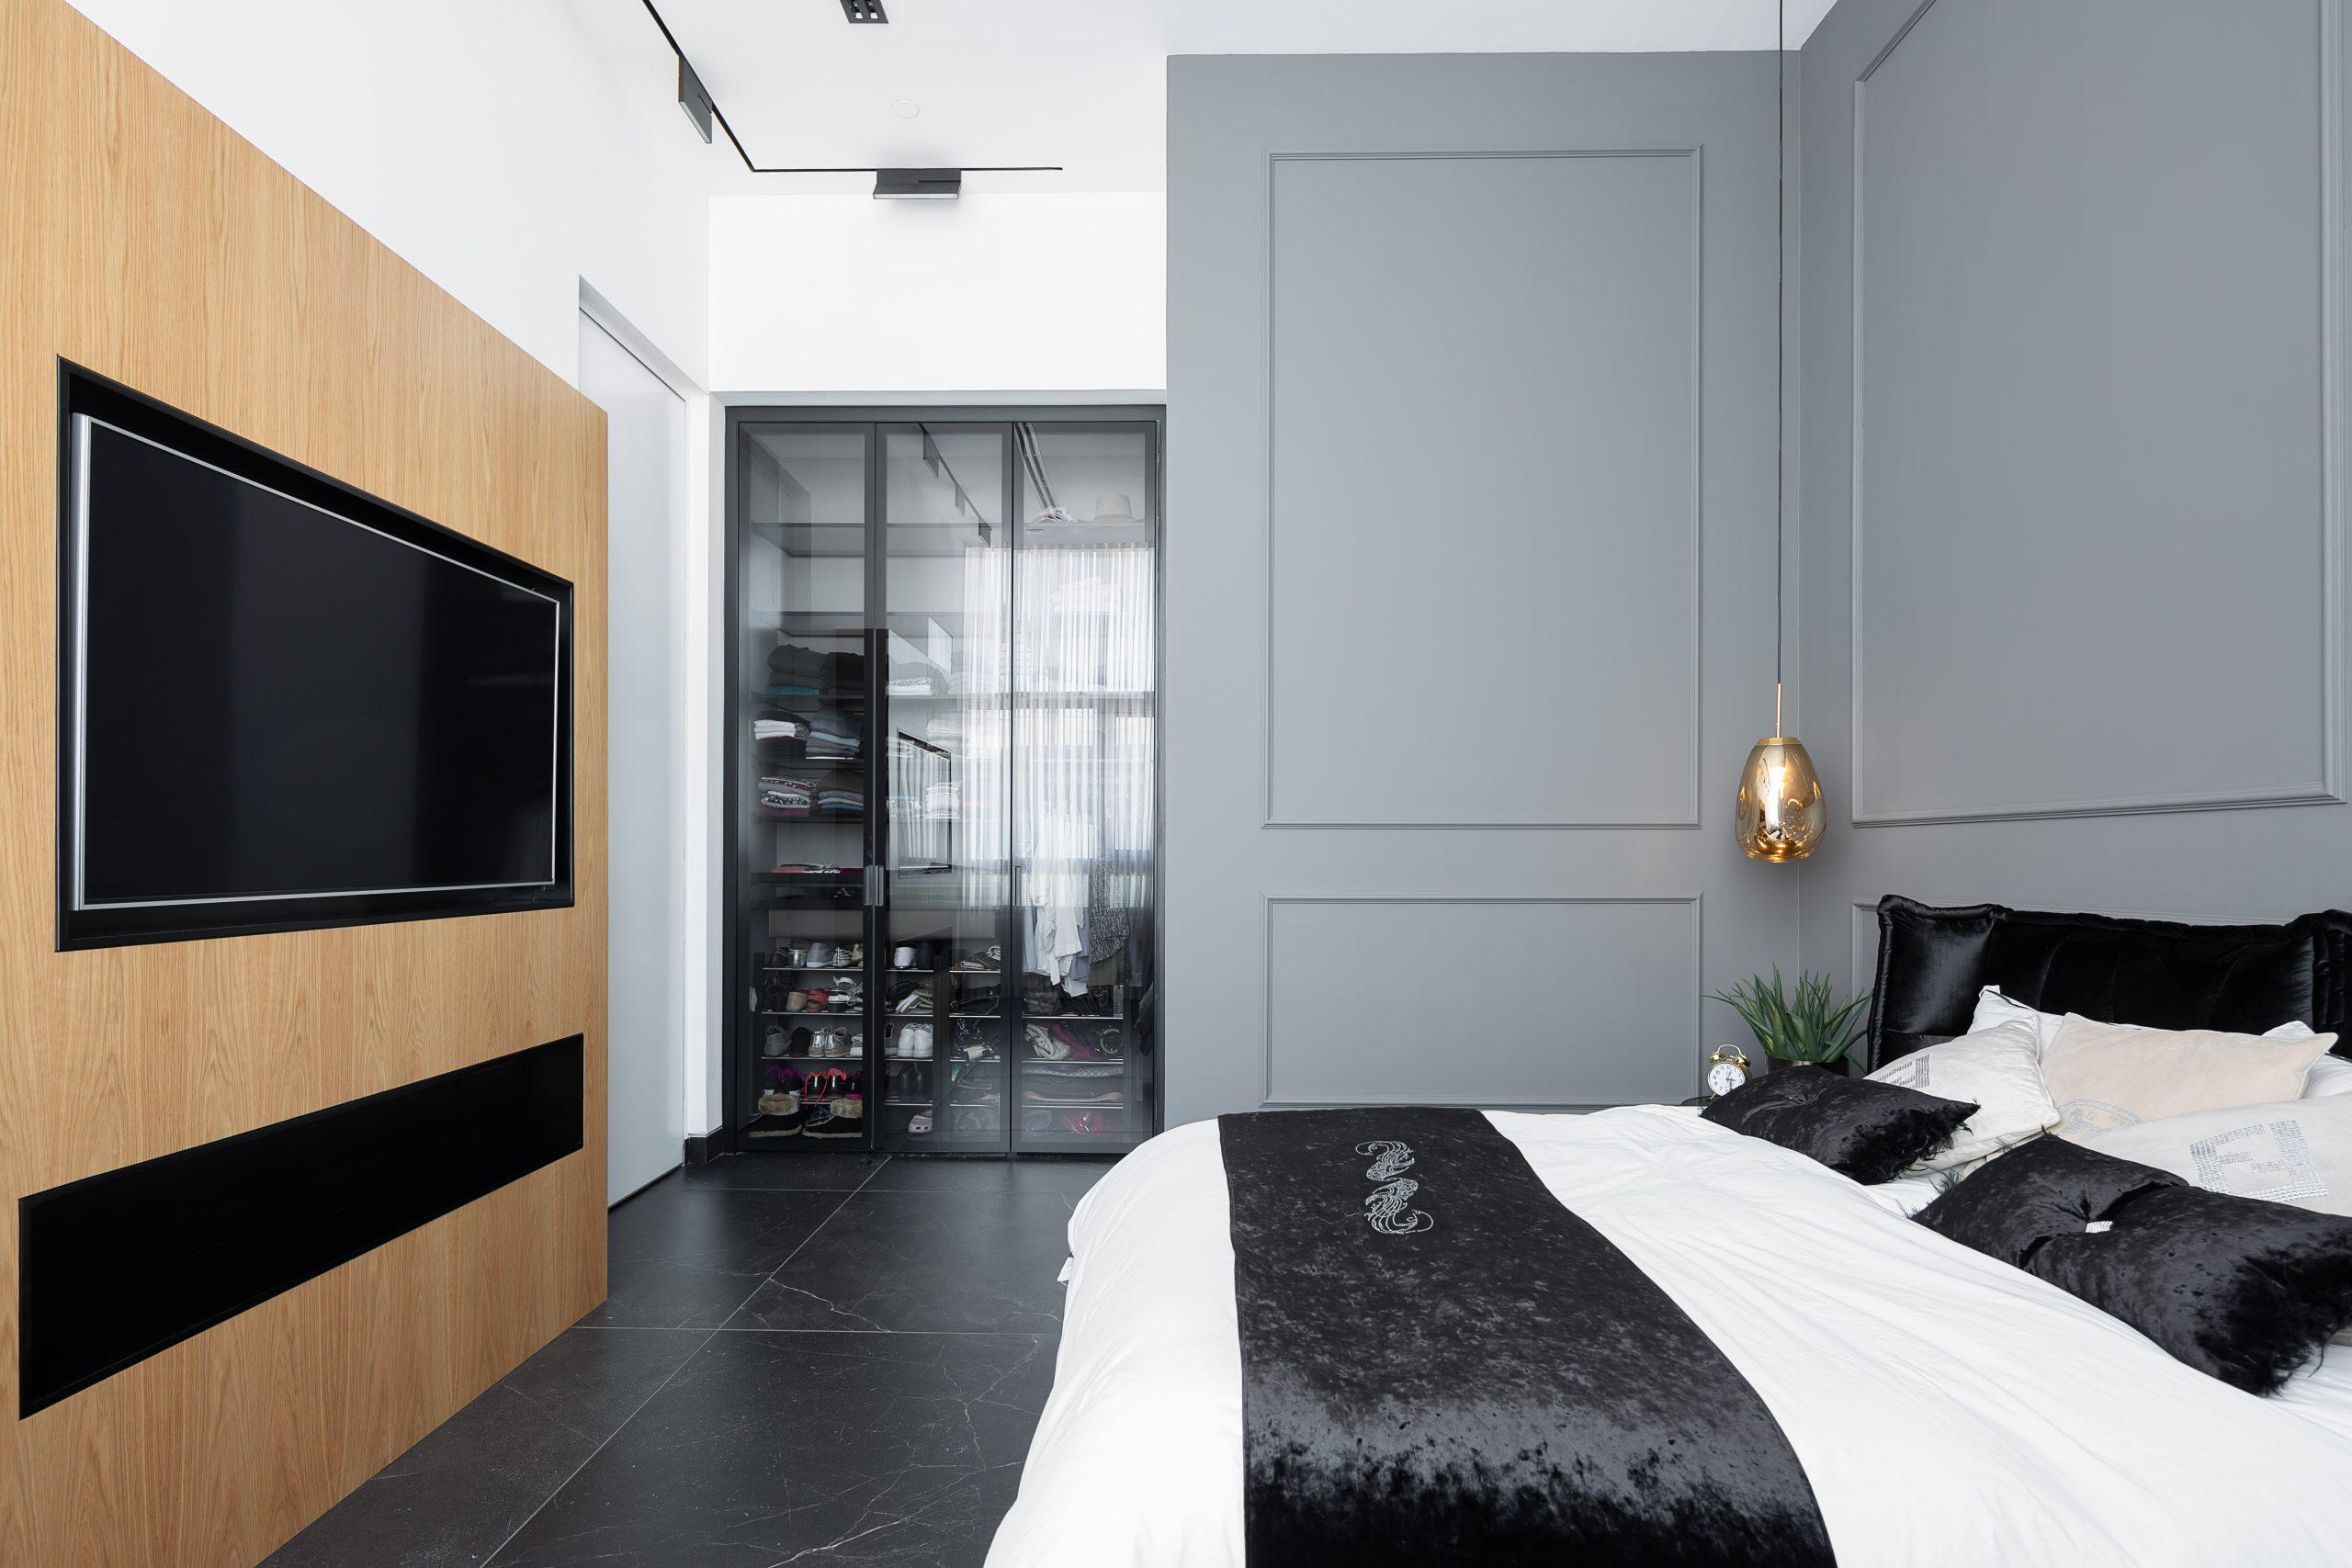 חדר שינה מעוצב אדריכלות מקצועית